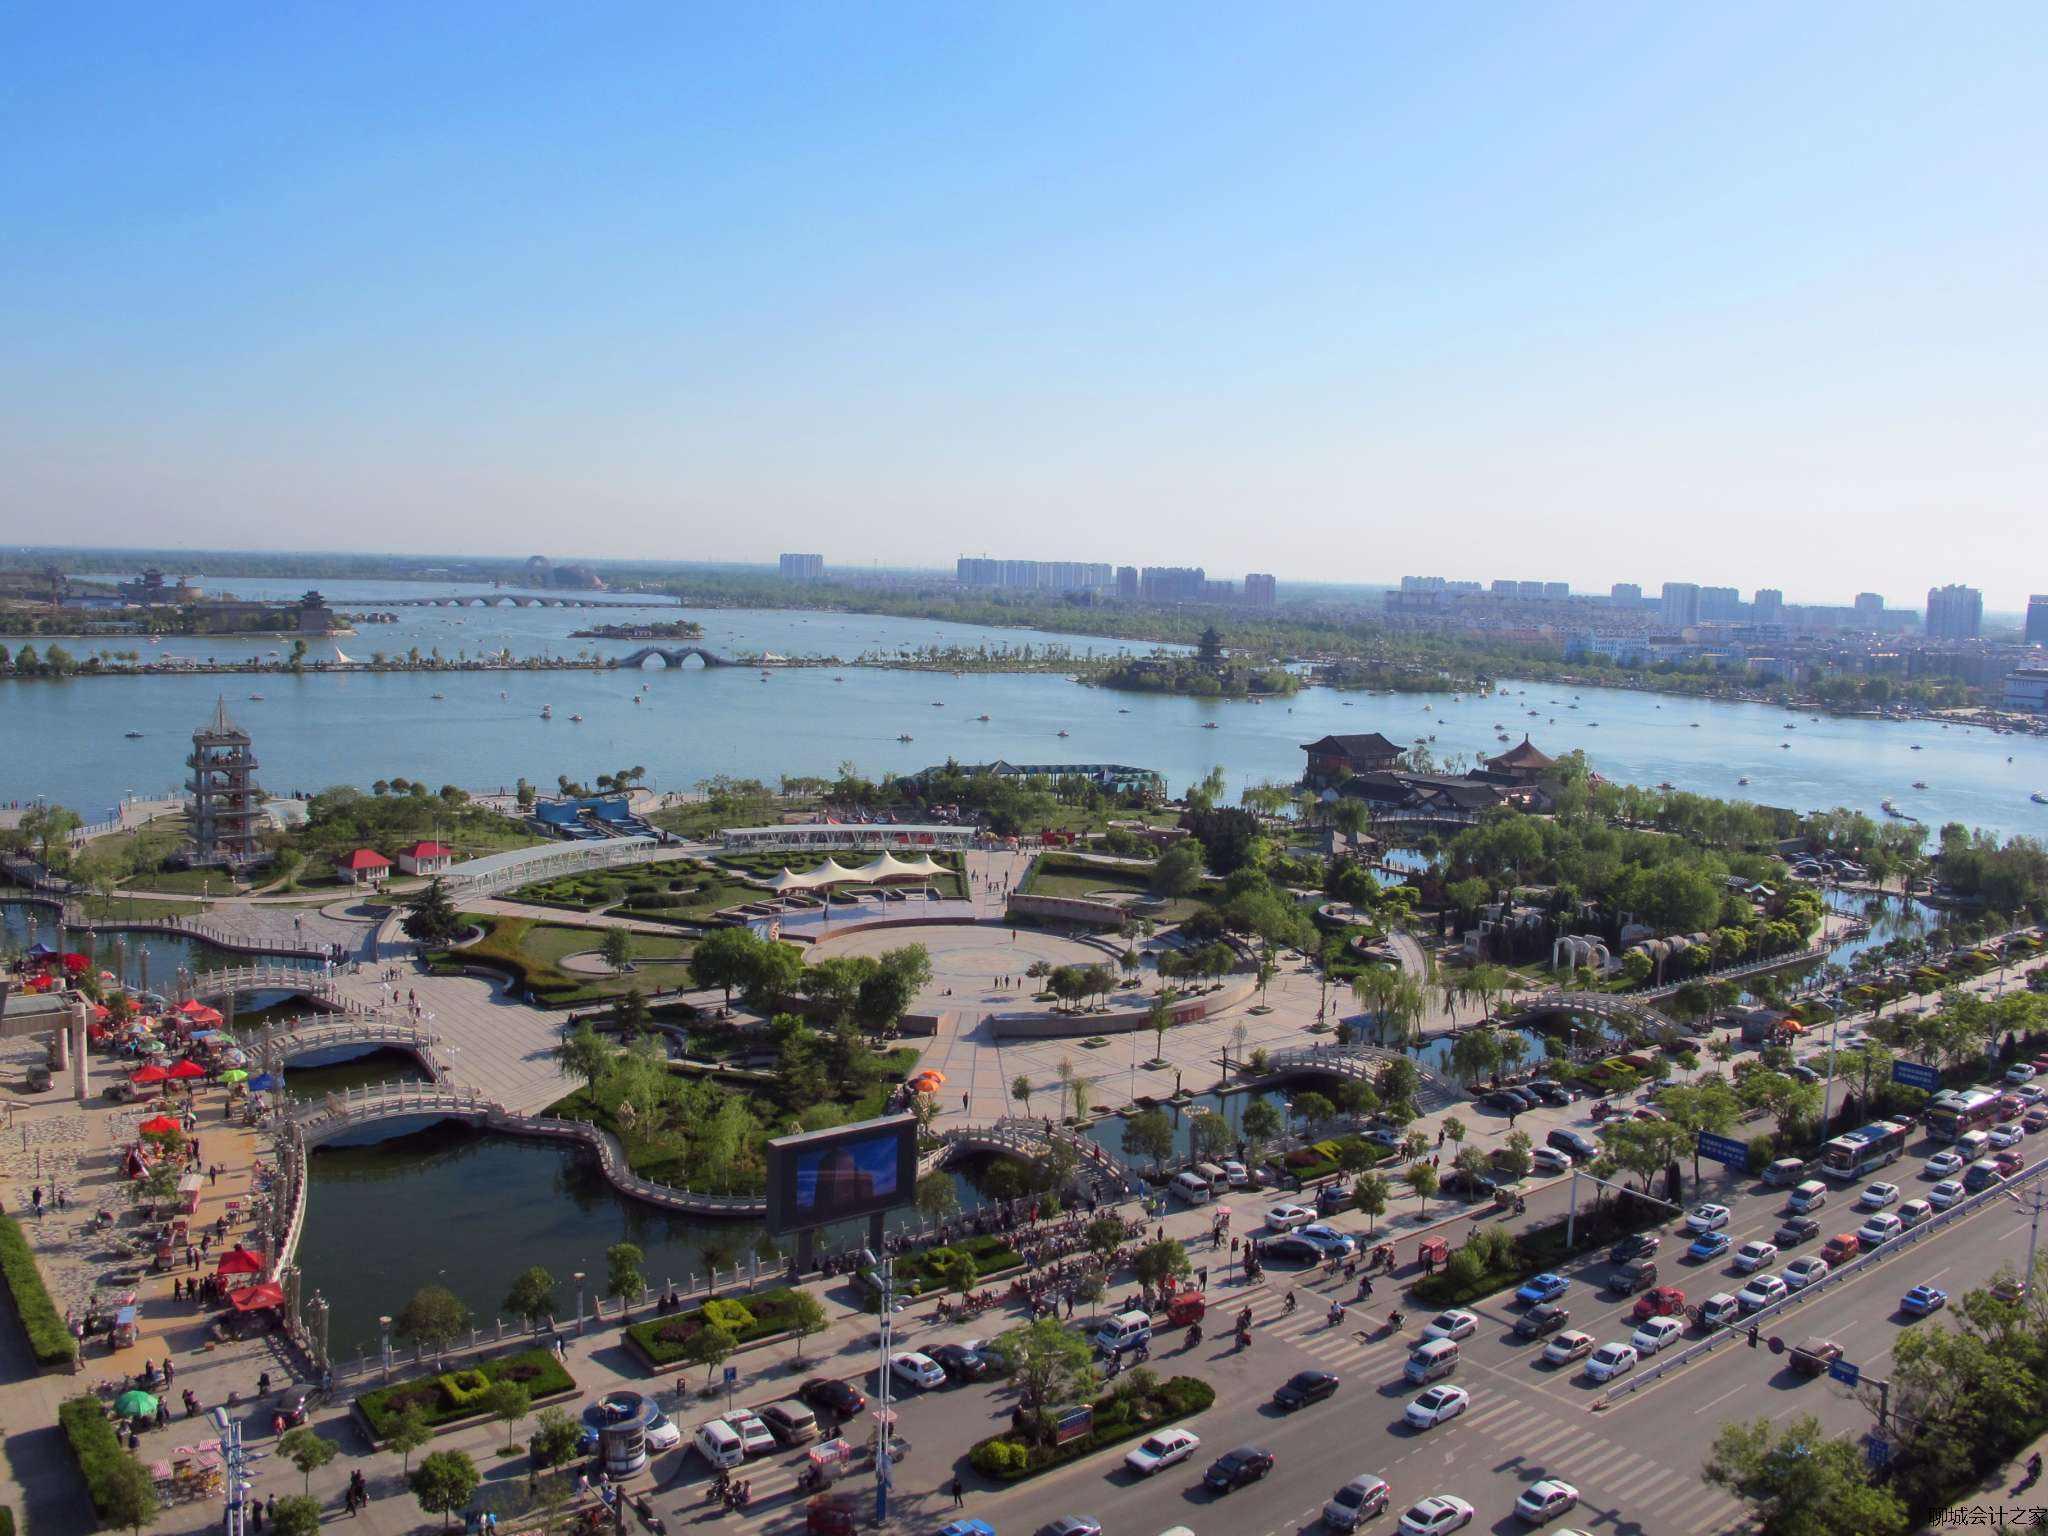 聊城:加速完善城市治理体系 打响城市管理新战役